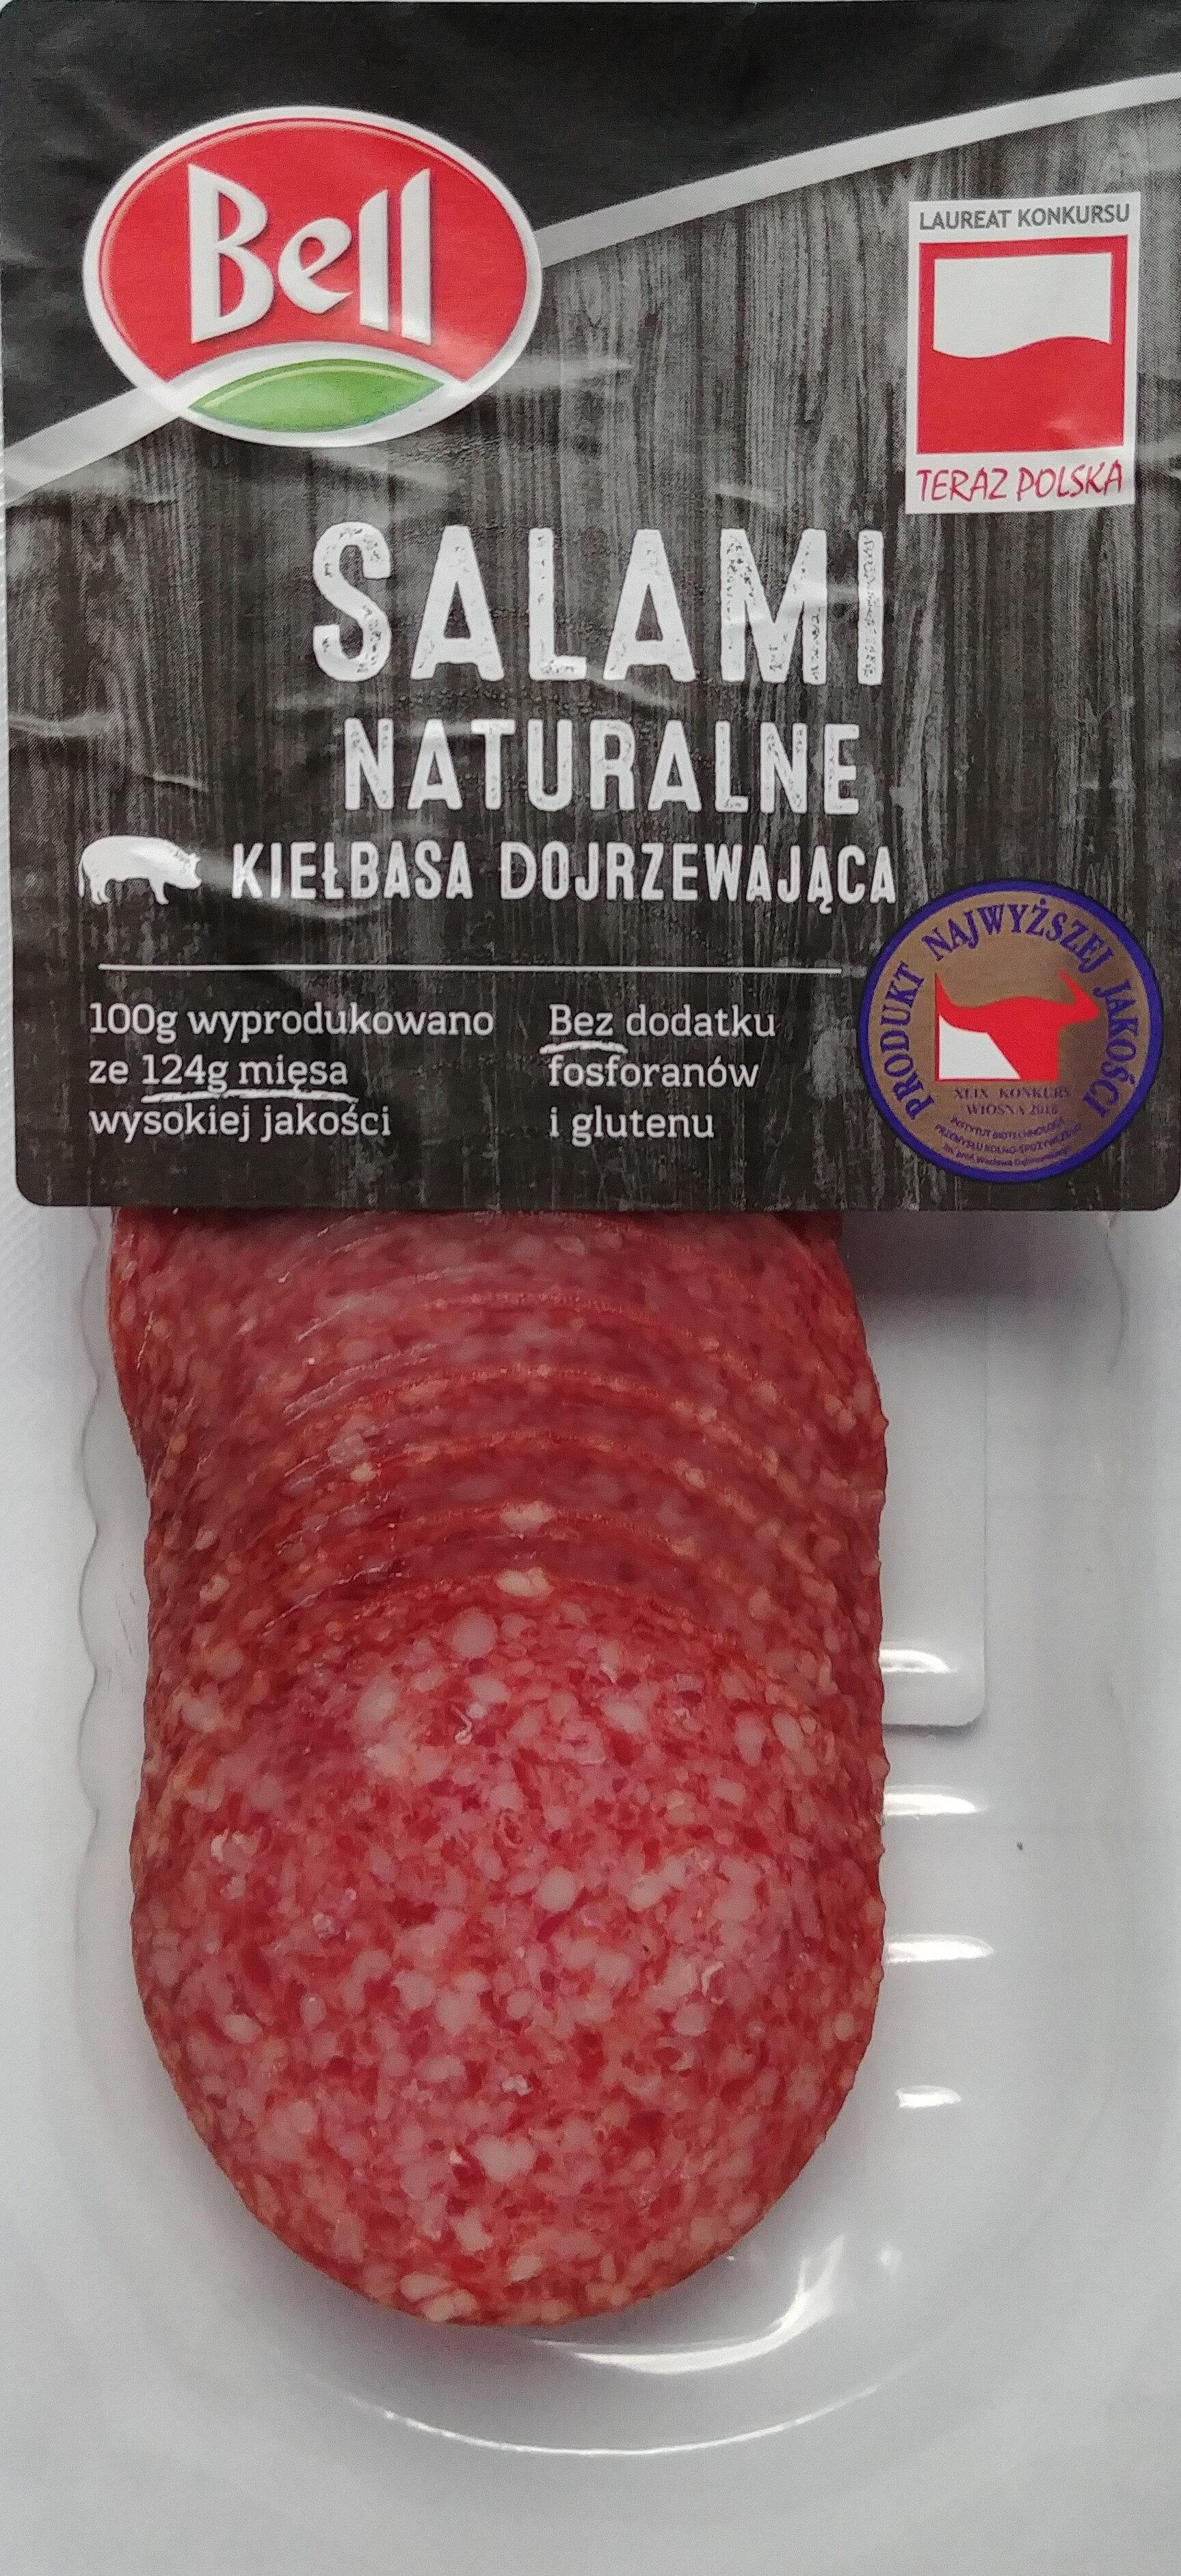 Salami naturalne - Produkt - pl